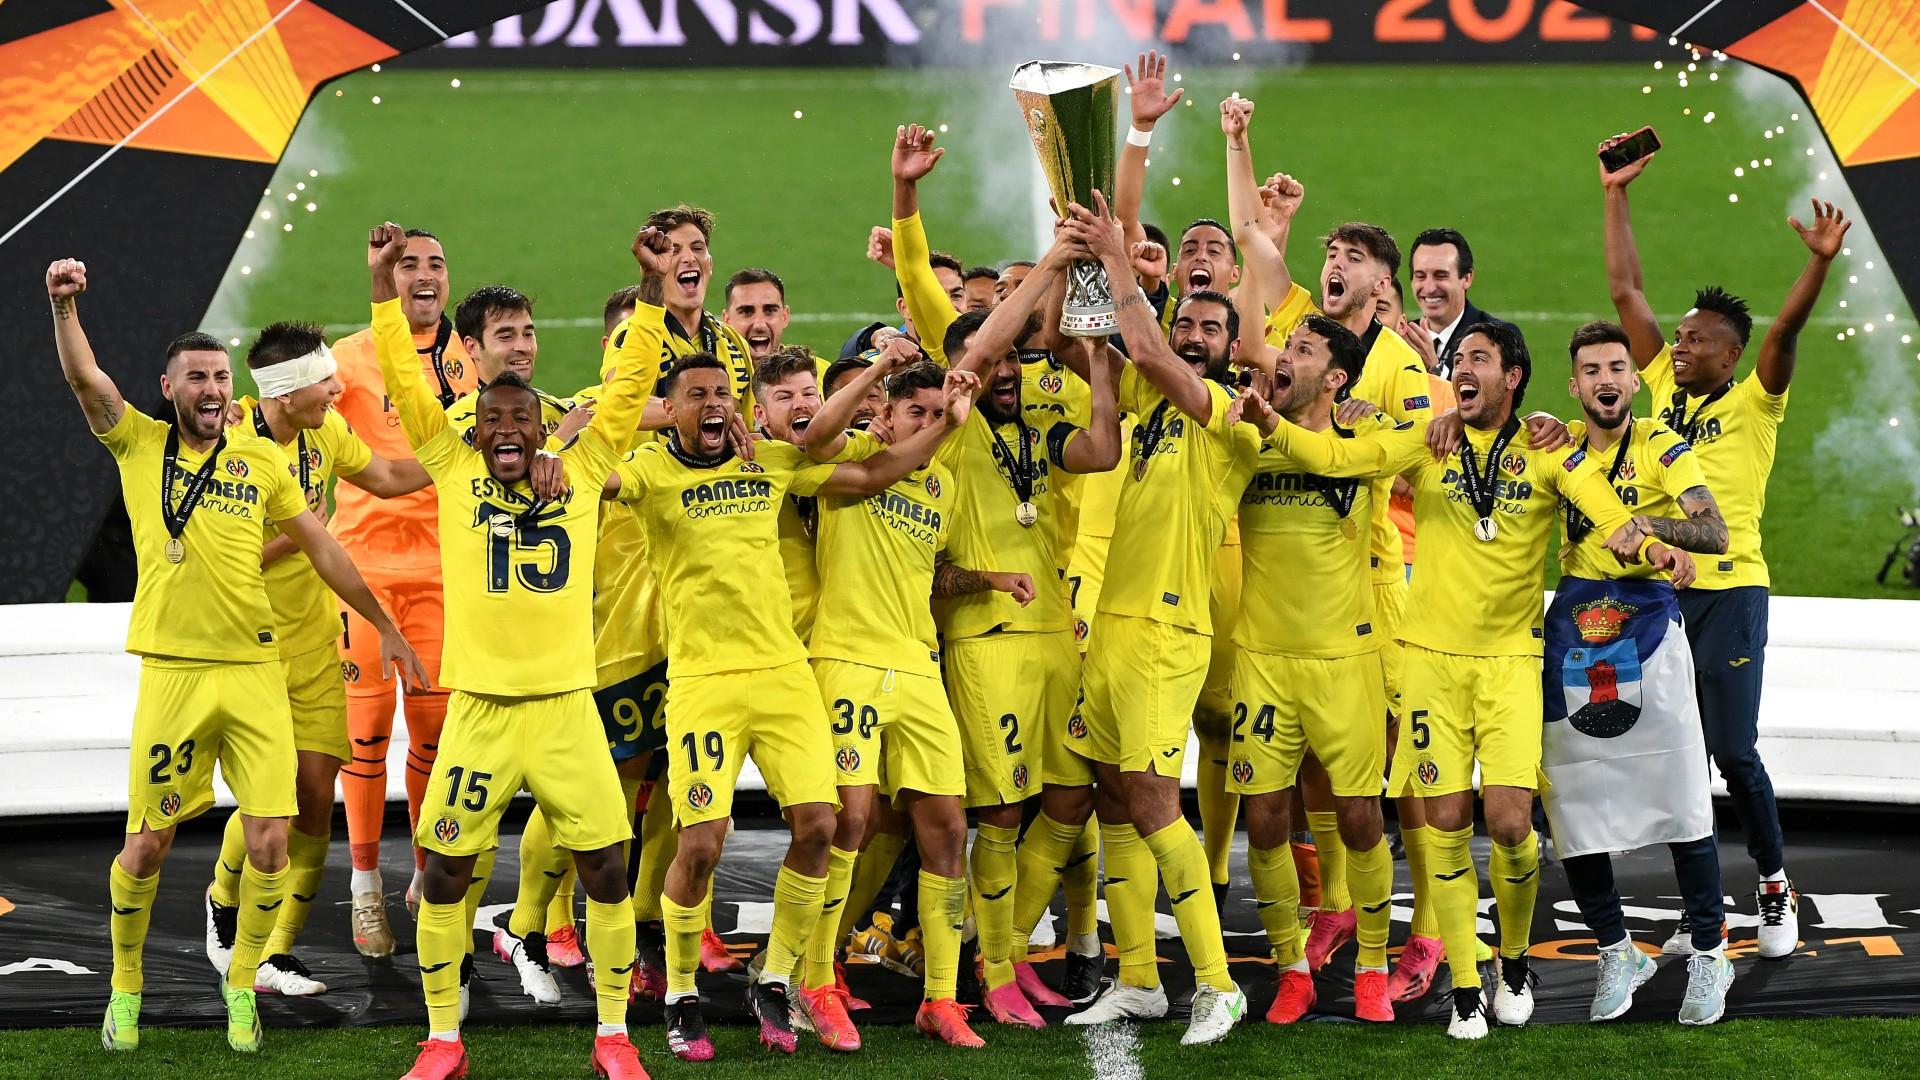 Europa League: il Villarreal vince la coppa ai rigori, le foto - Europa  League: il Villarreal vince la coppa ai rigori, le foto | Virgilio Sport